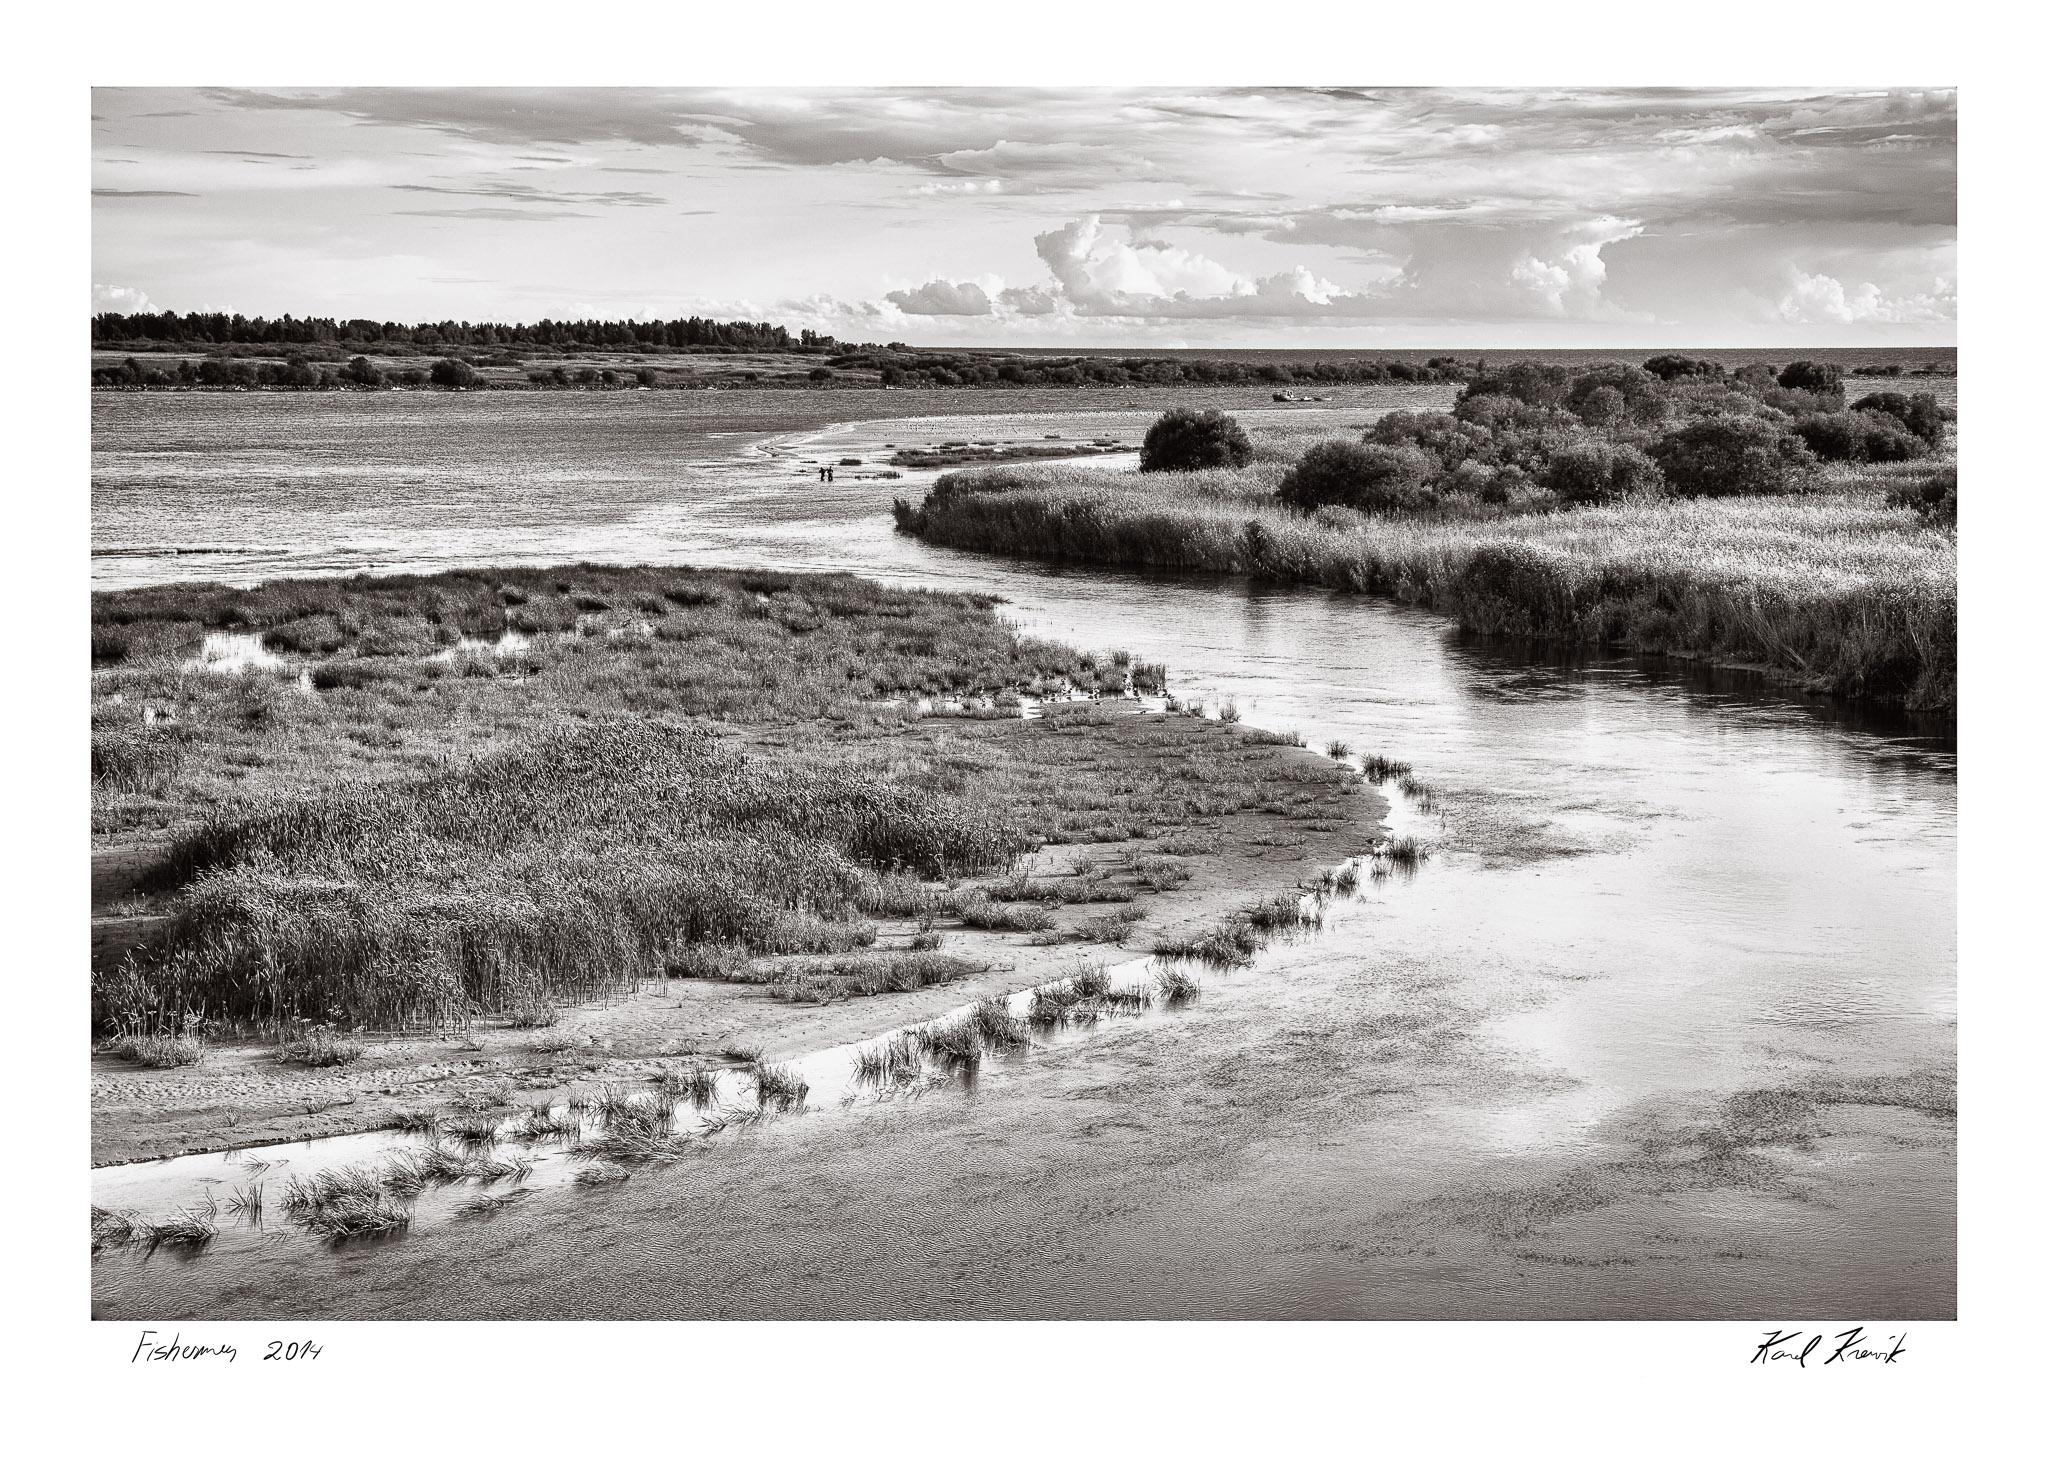 narva jõgi ja piilsi-6821-Edit-Edit-2.jpg